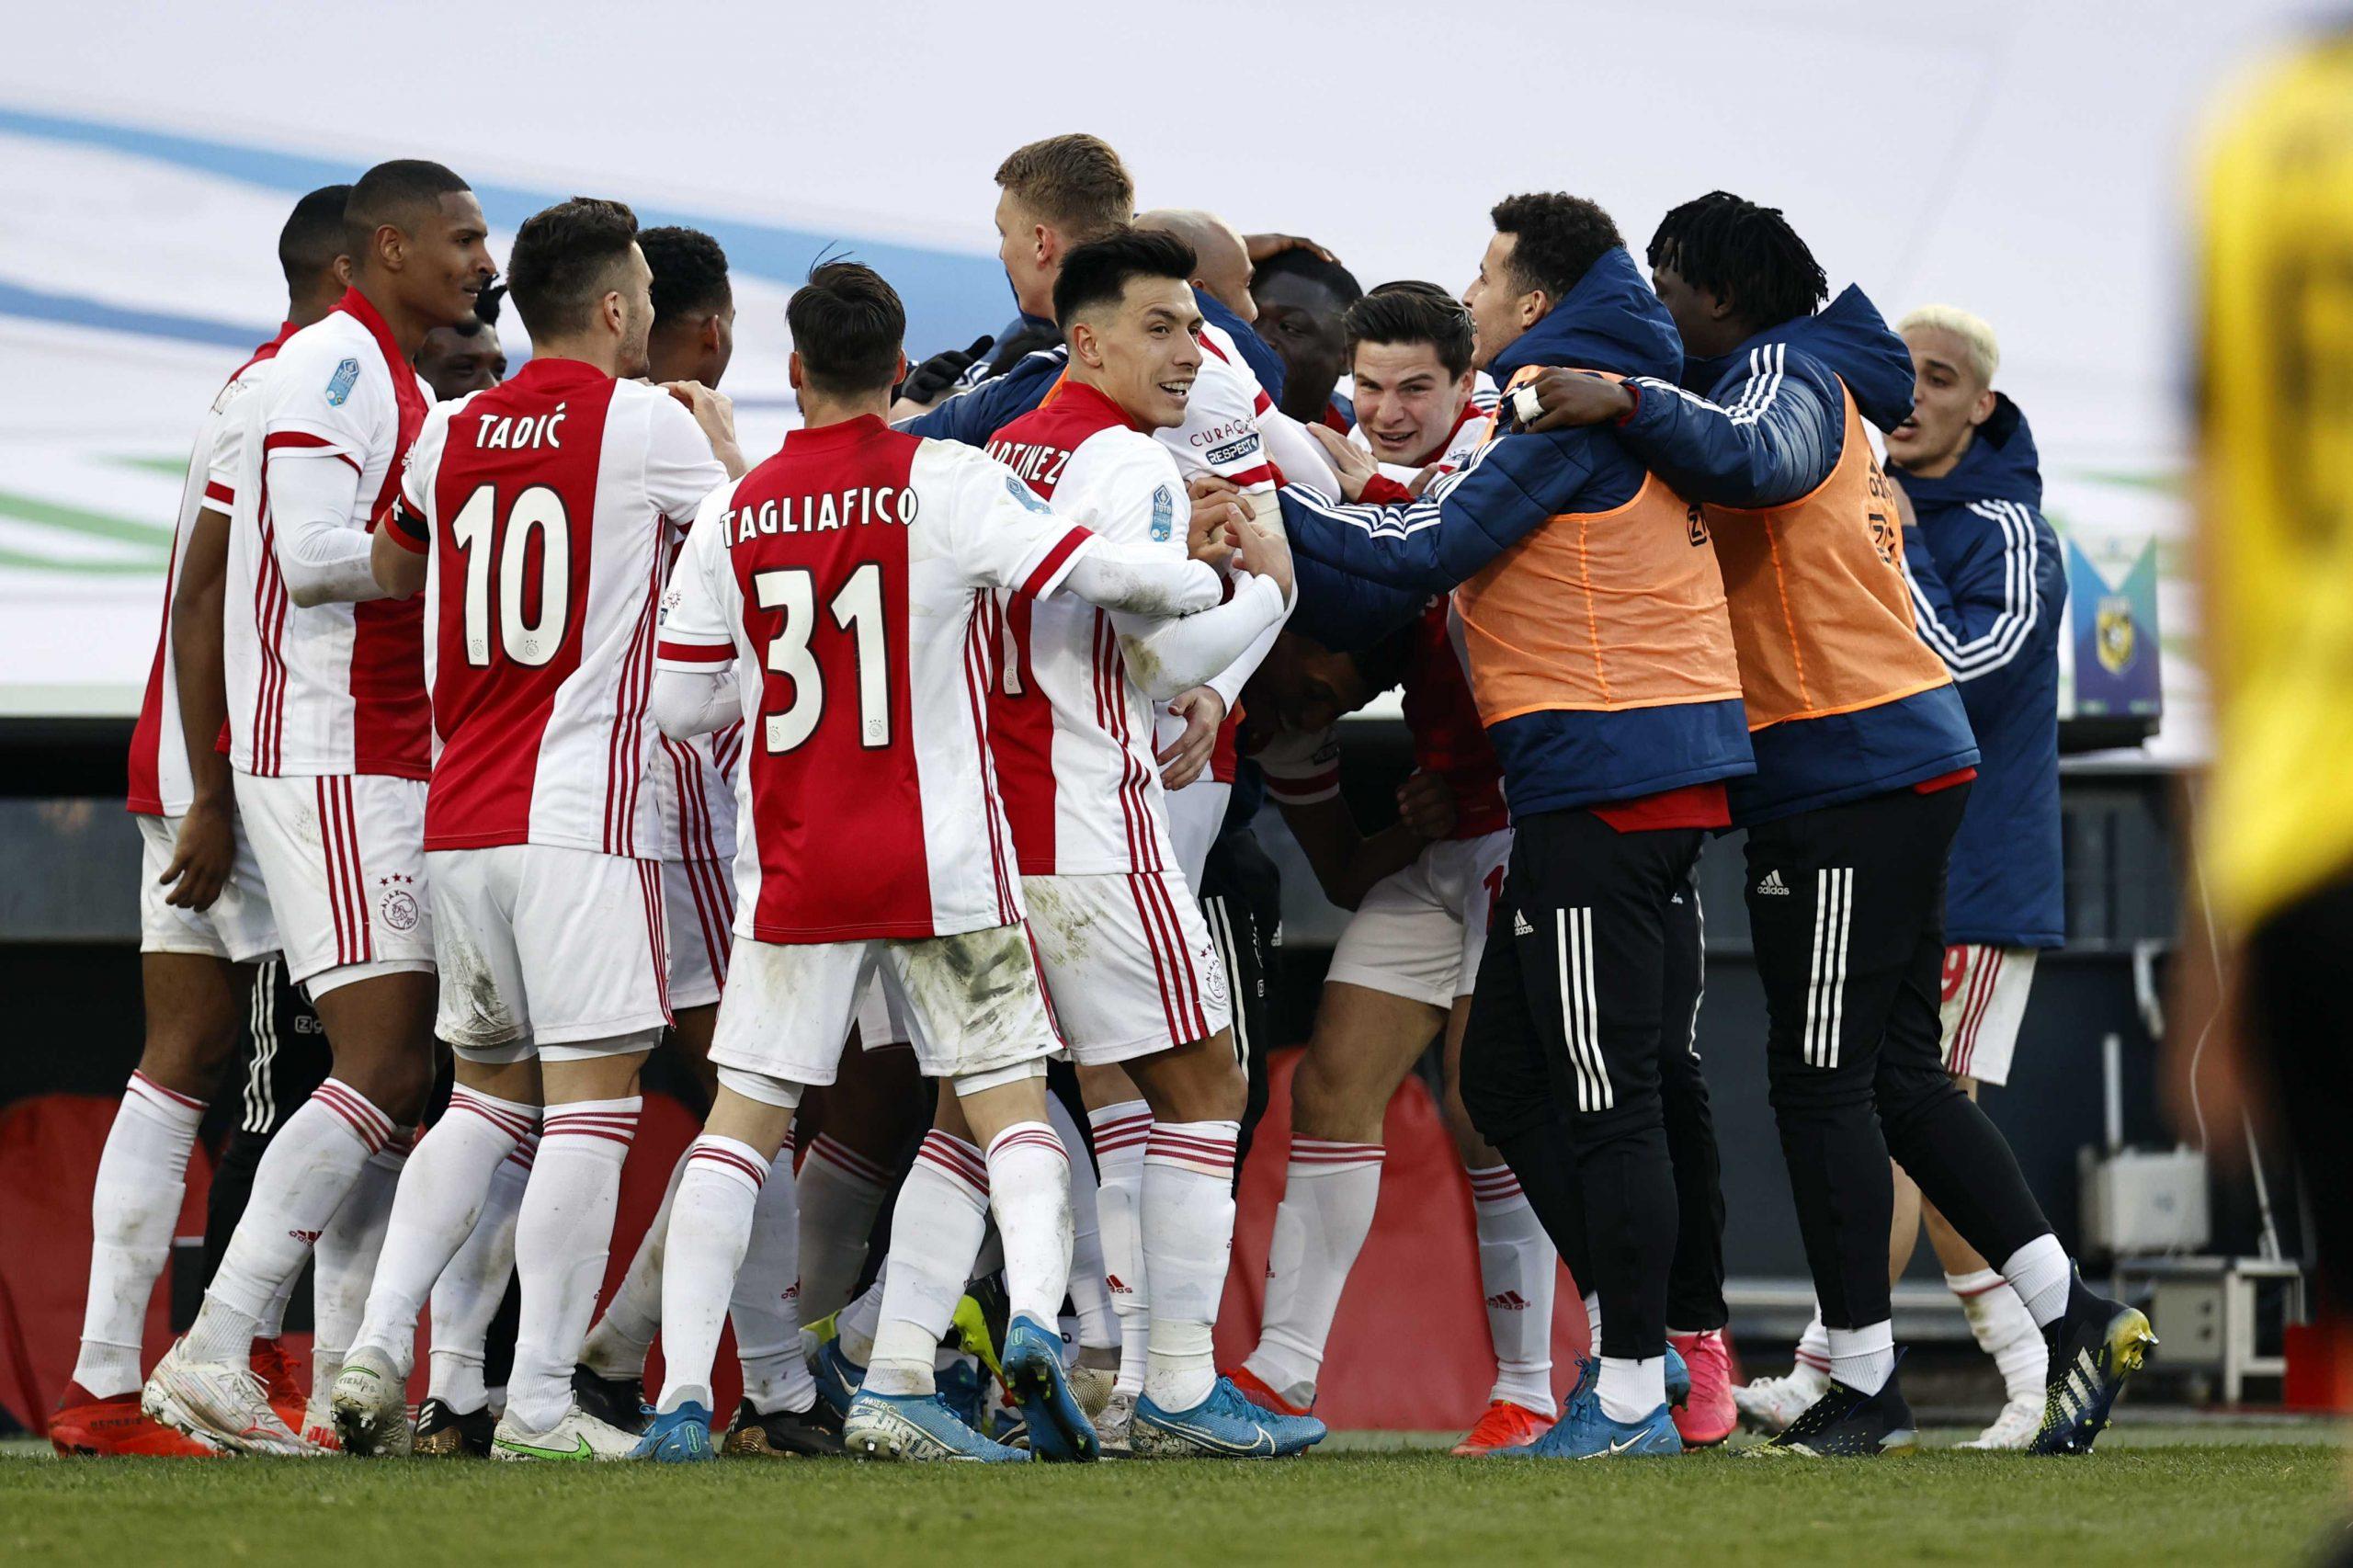 Slavlje fudbalera Ajaksa nakon osvajanja Kupa Holandije